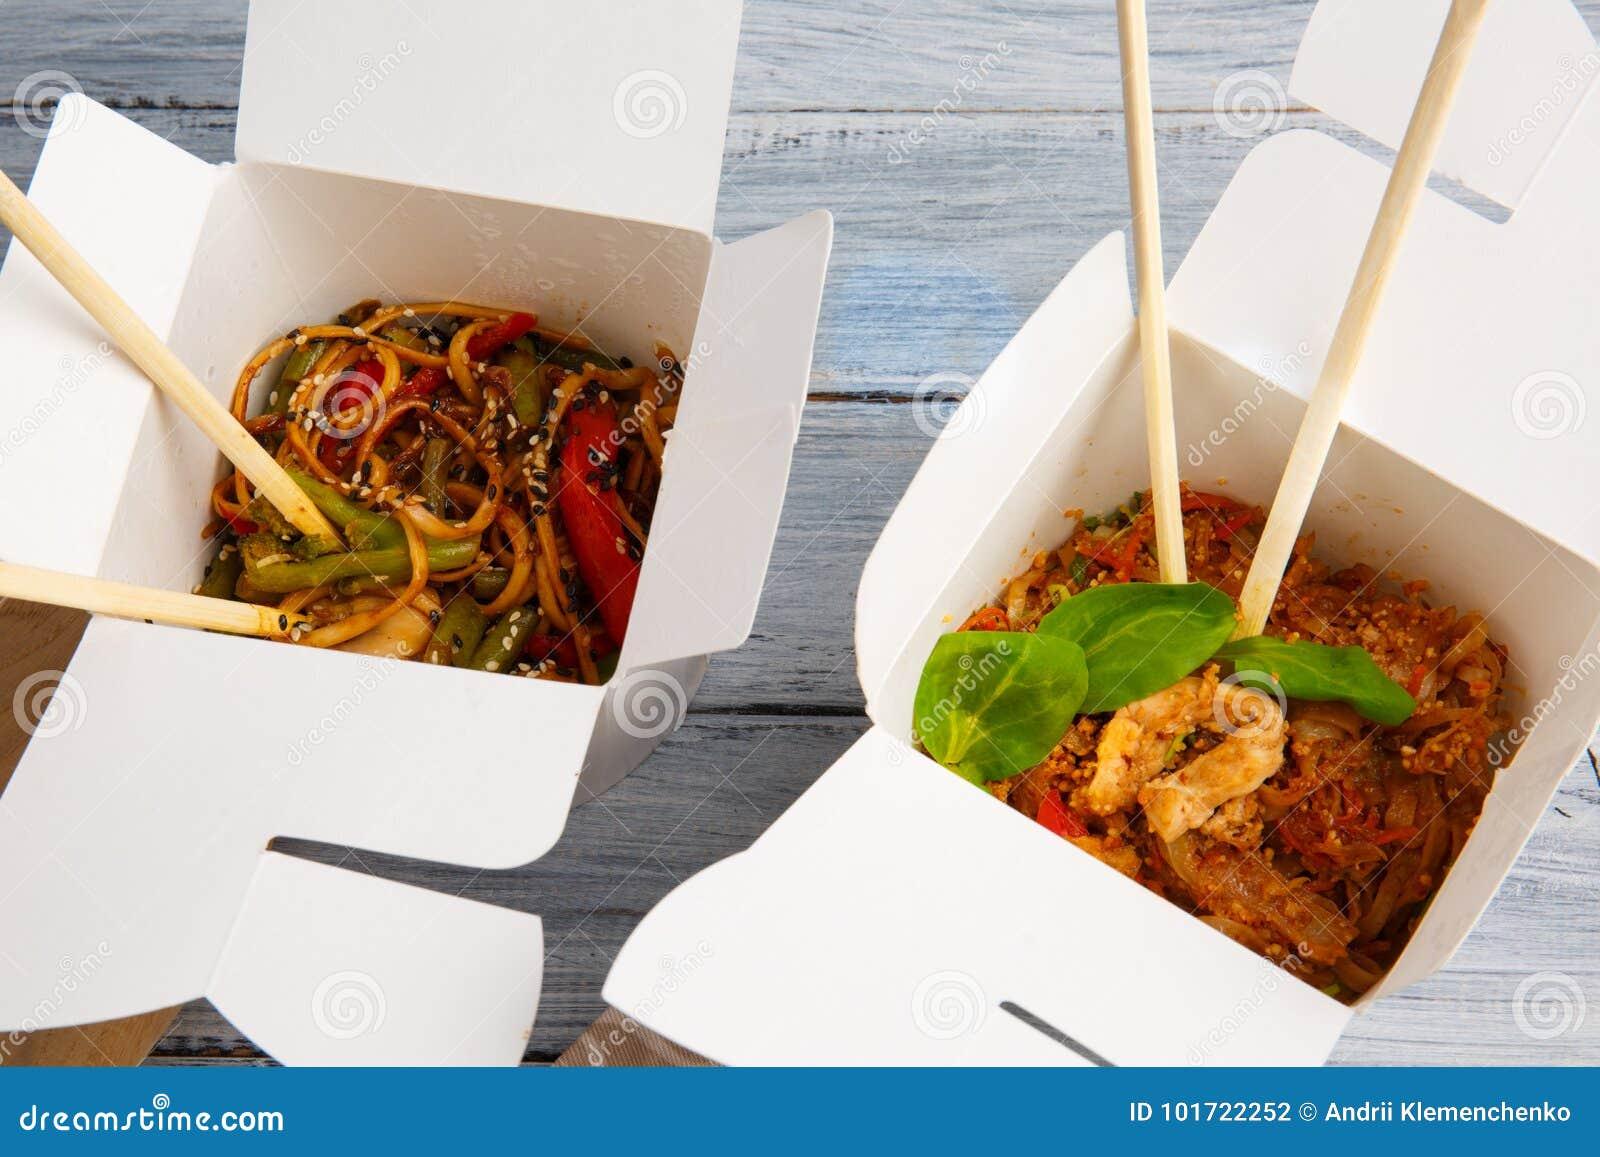 Tagliatelle con le verdure in una scatola per l esportazione su una tavola di legno